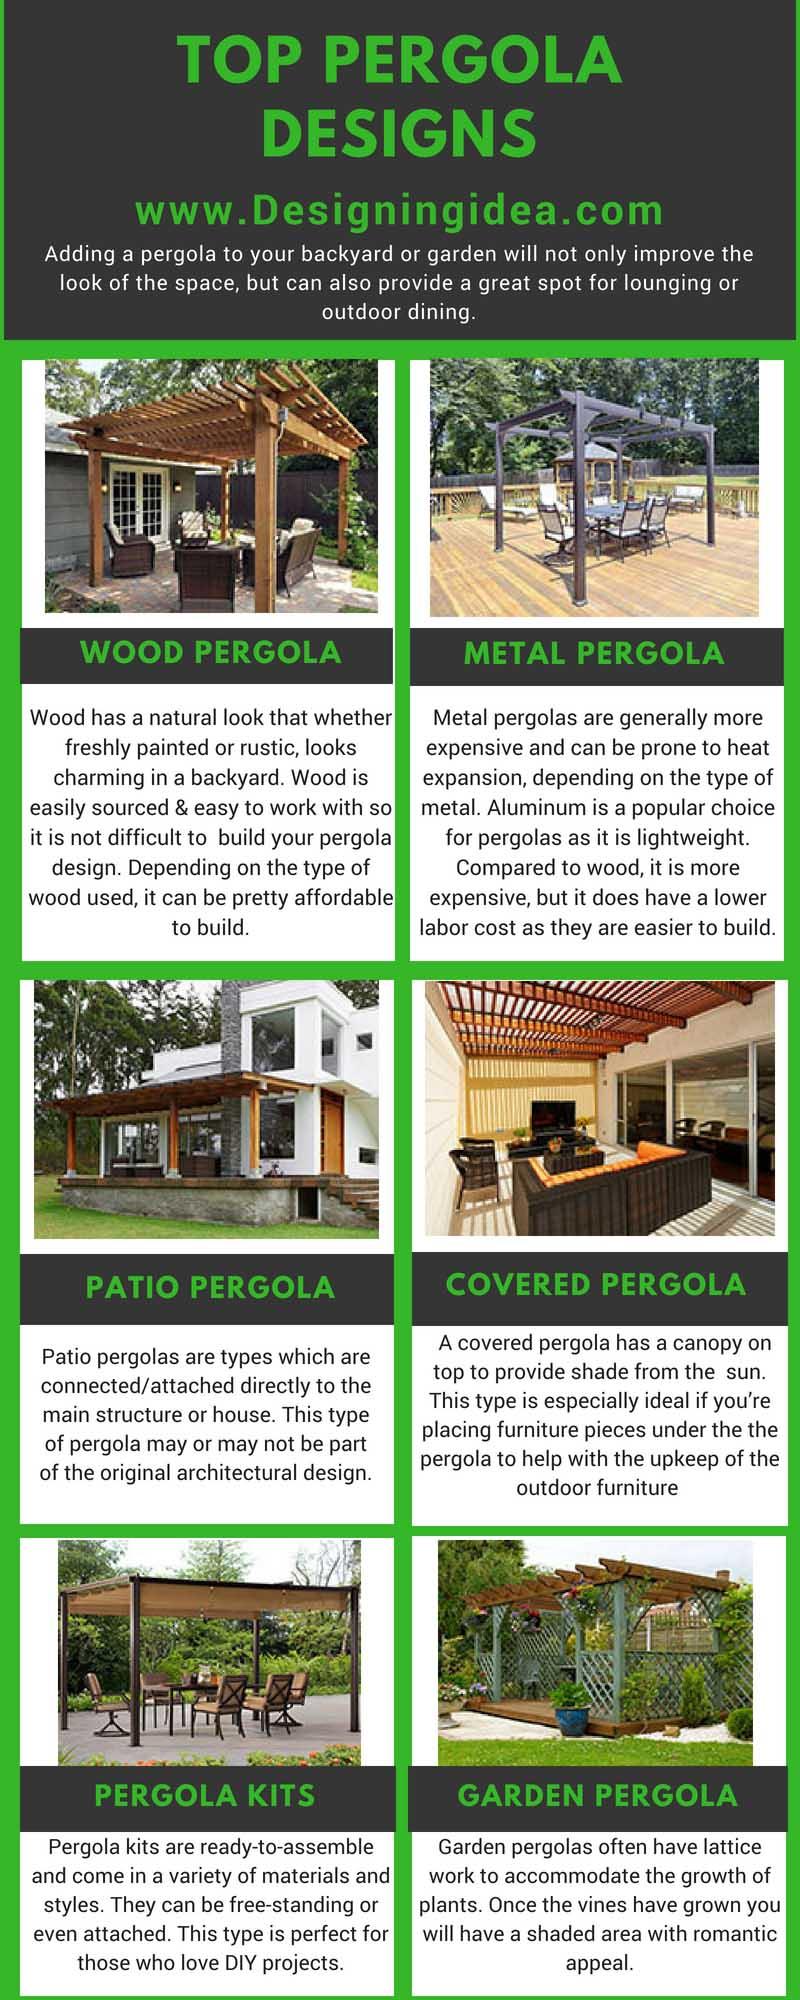 Pergola designs infographic 2018